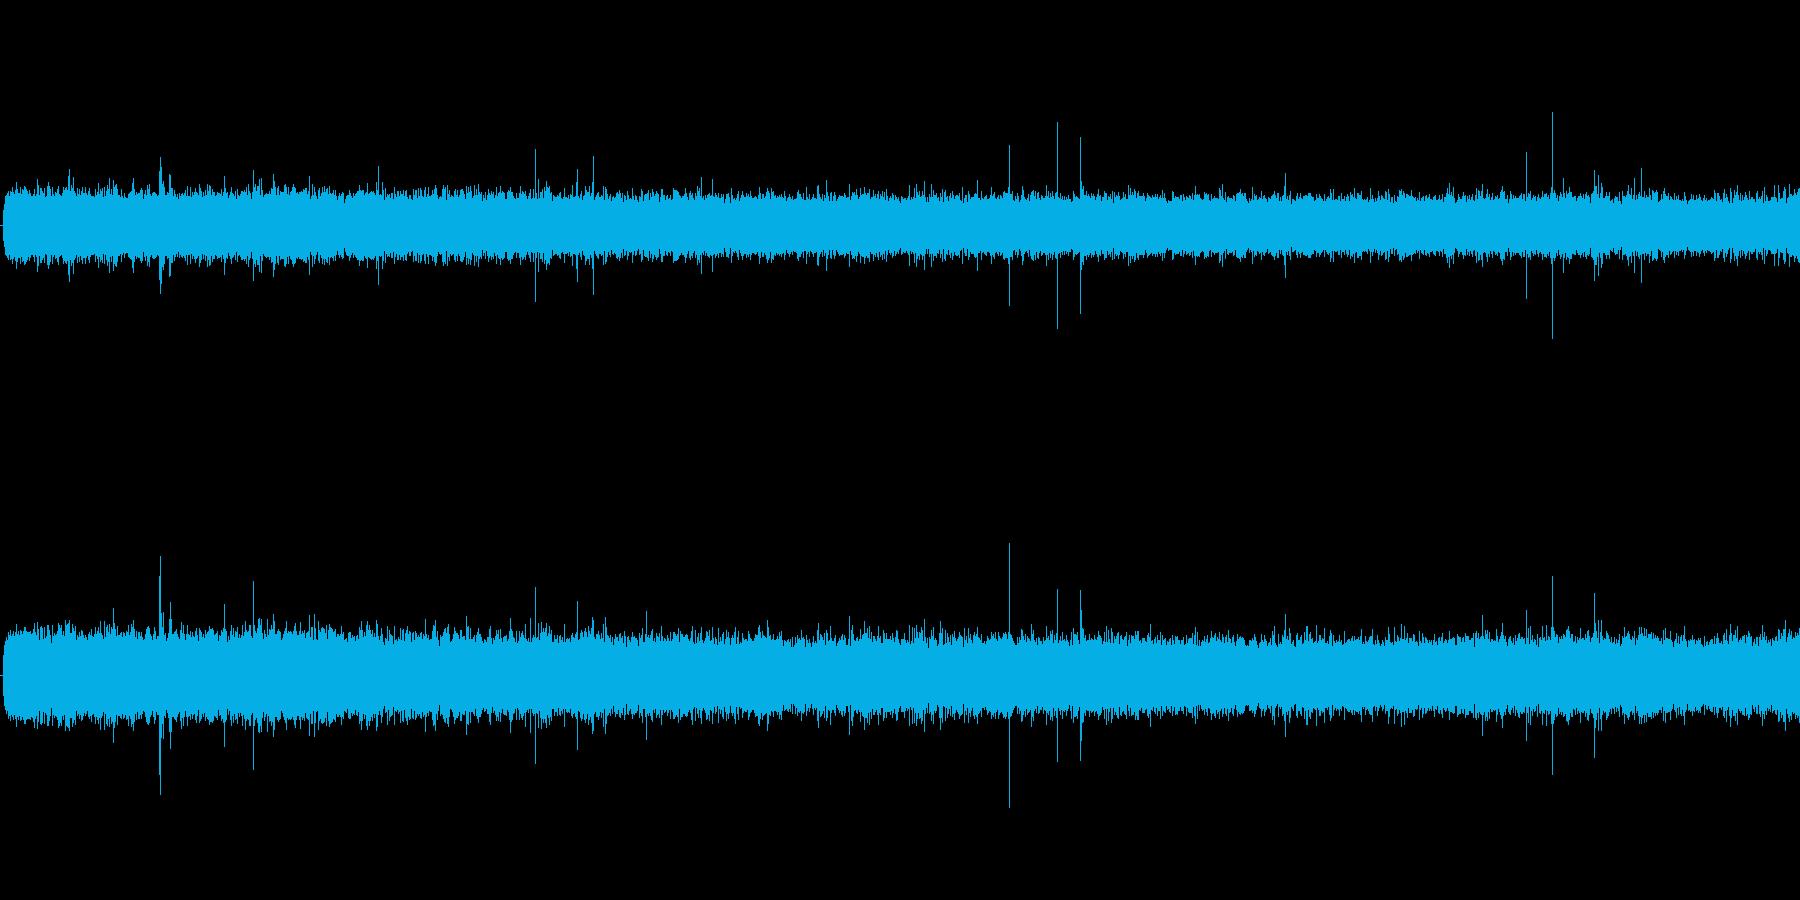 雨音(ザーザー)の再生済みの波形